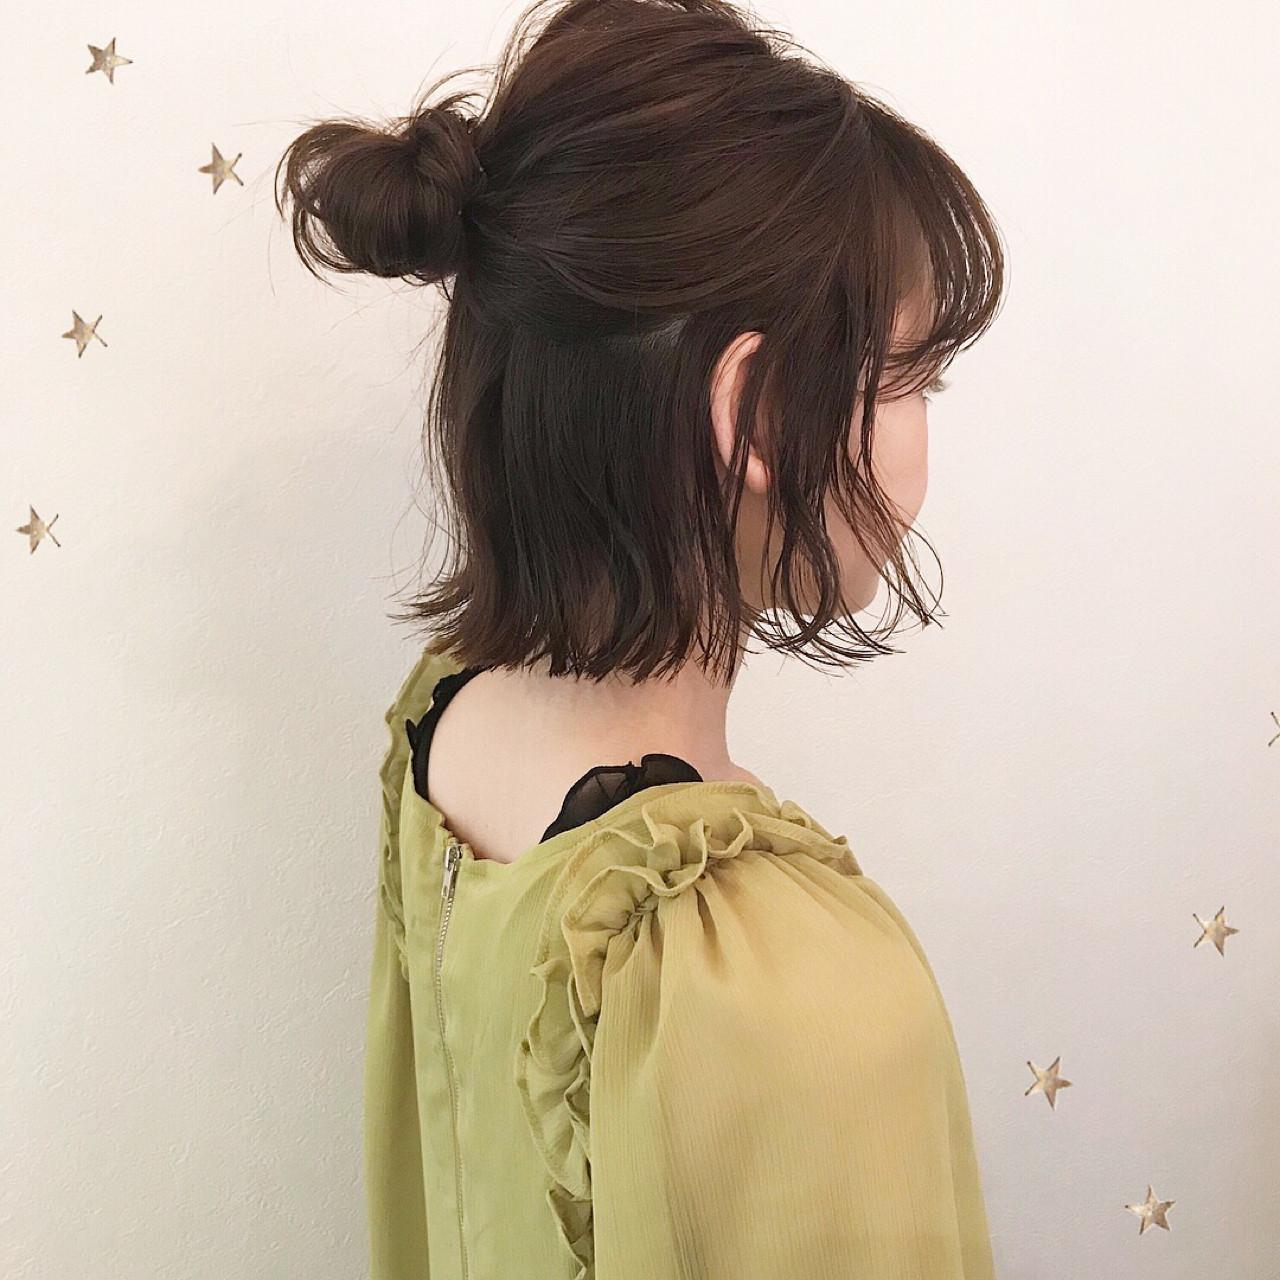 お団子 ナチュラル ヘアアレンジ ハーフアップ ヘアスタイルや髪型の写真・画像